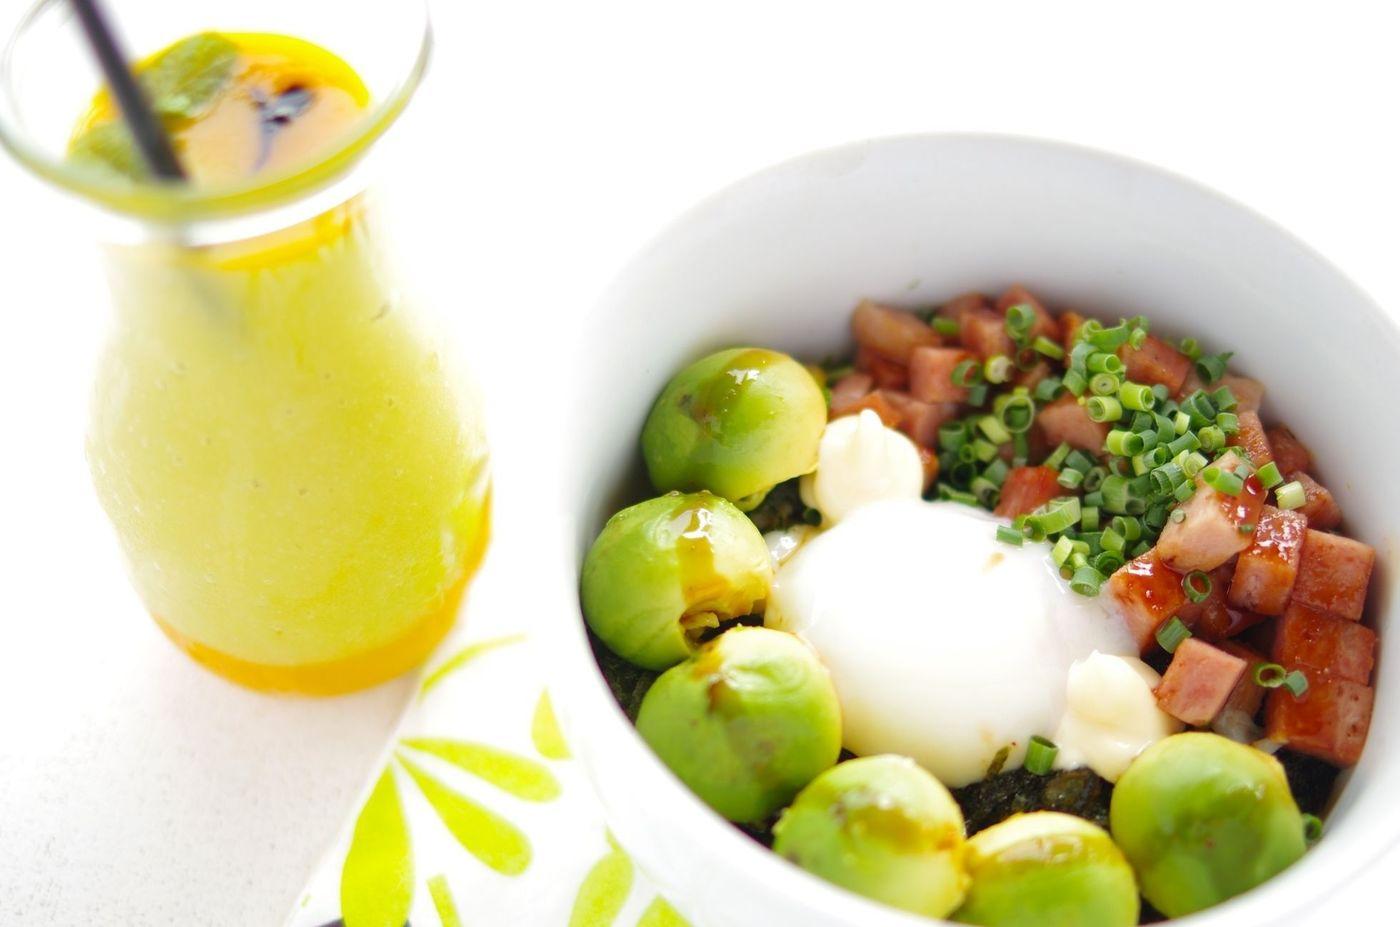 【原宿】おいしいご飯を食べるならココ!おすすめのお店8選を紹介の画像